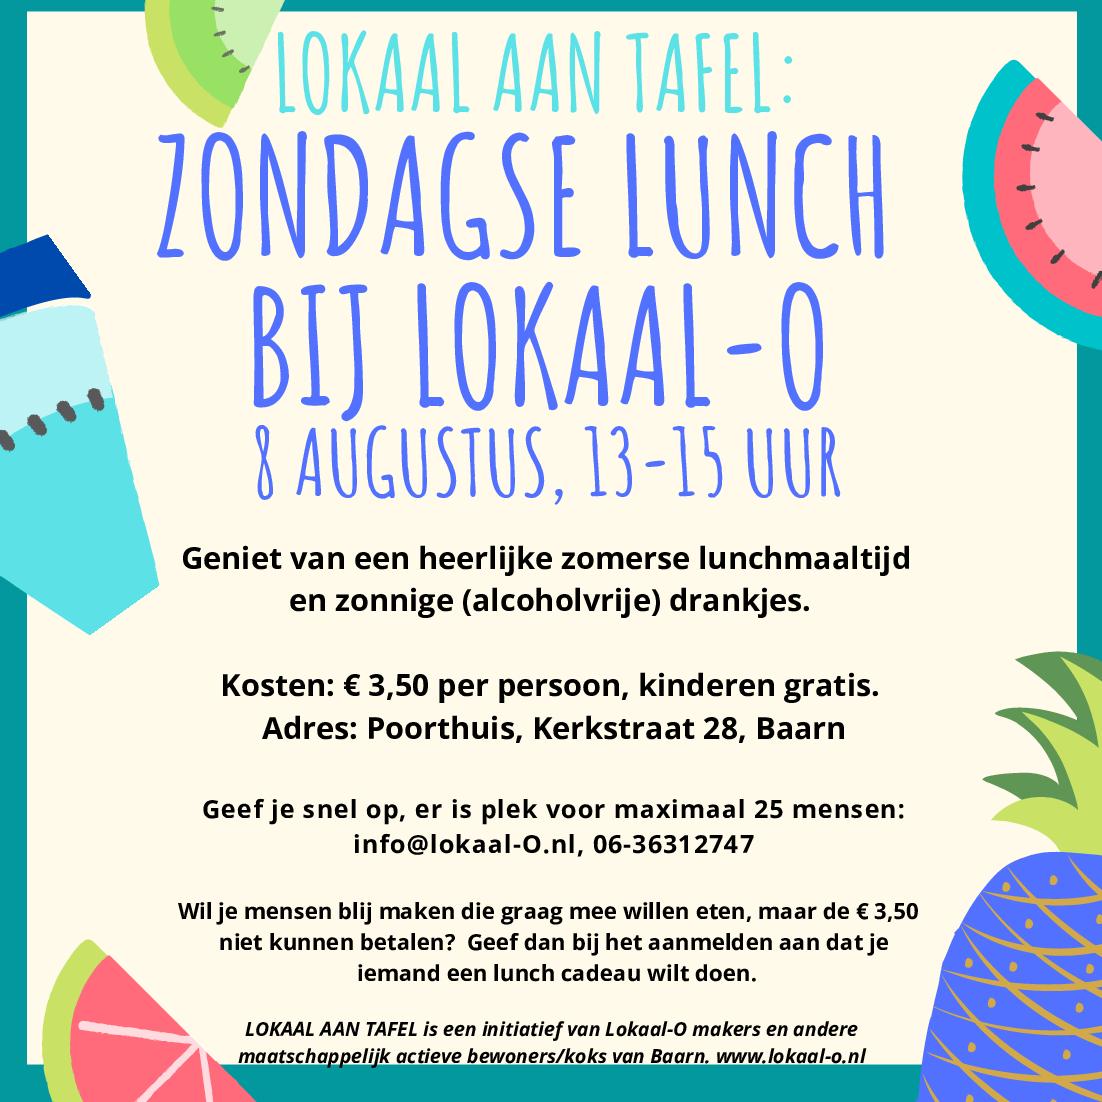 Je bekijkt nu LOKAAL AAN TAFEL: zomerse lunch op 8 augustus